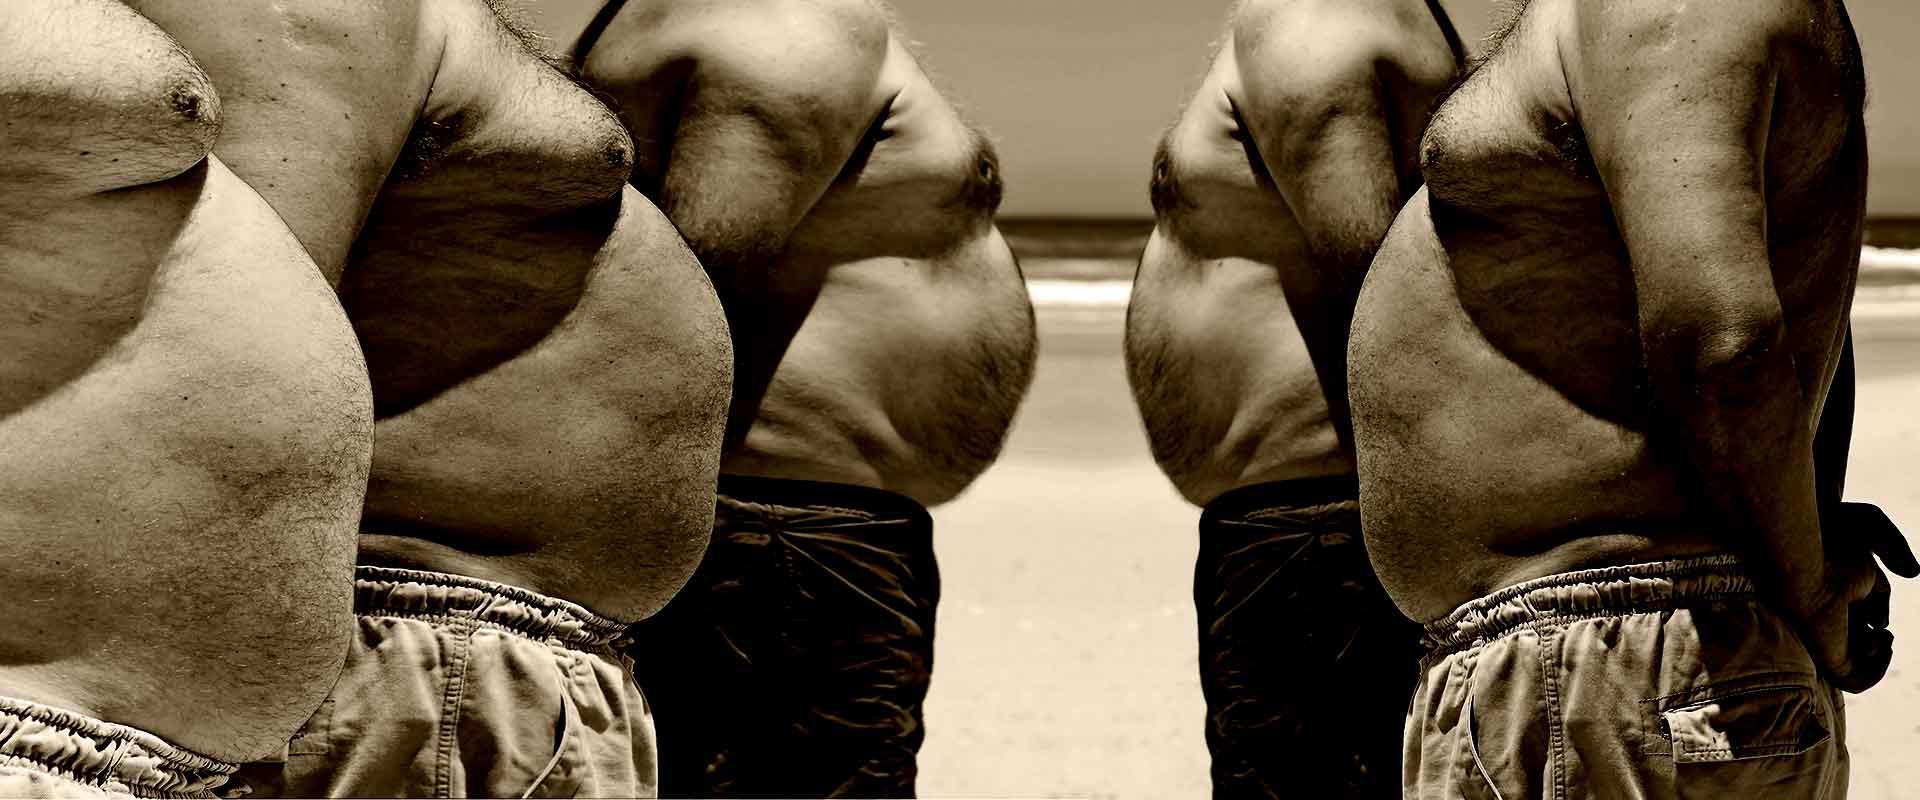 Bauchspeck, abnehmen, Fett, Bauchfett, Ernährung, Sport, Krisenpfunde, Bauch